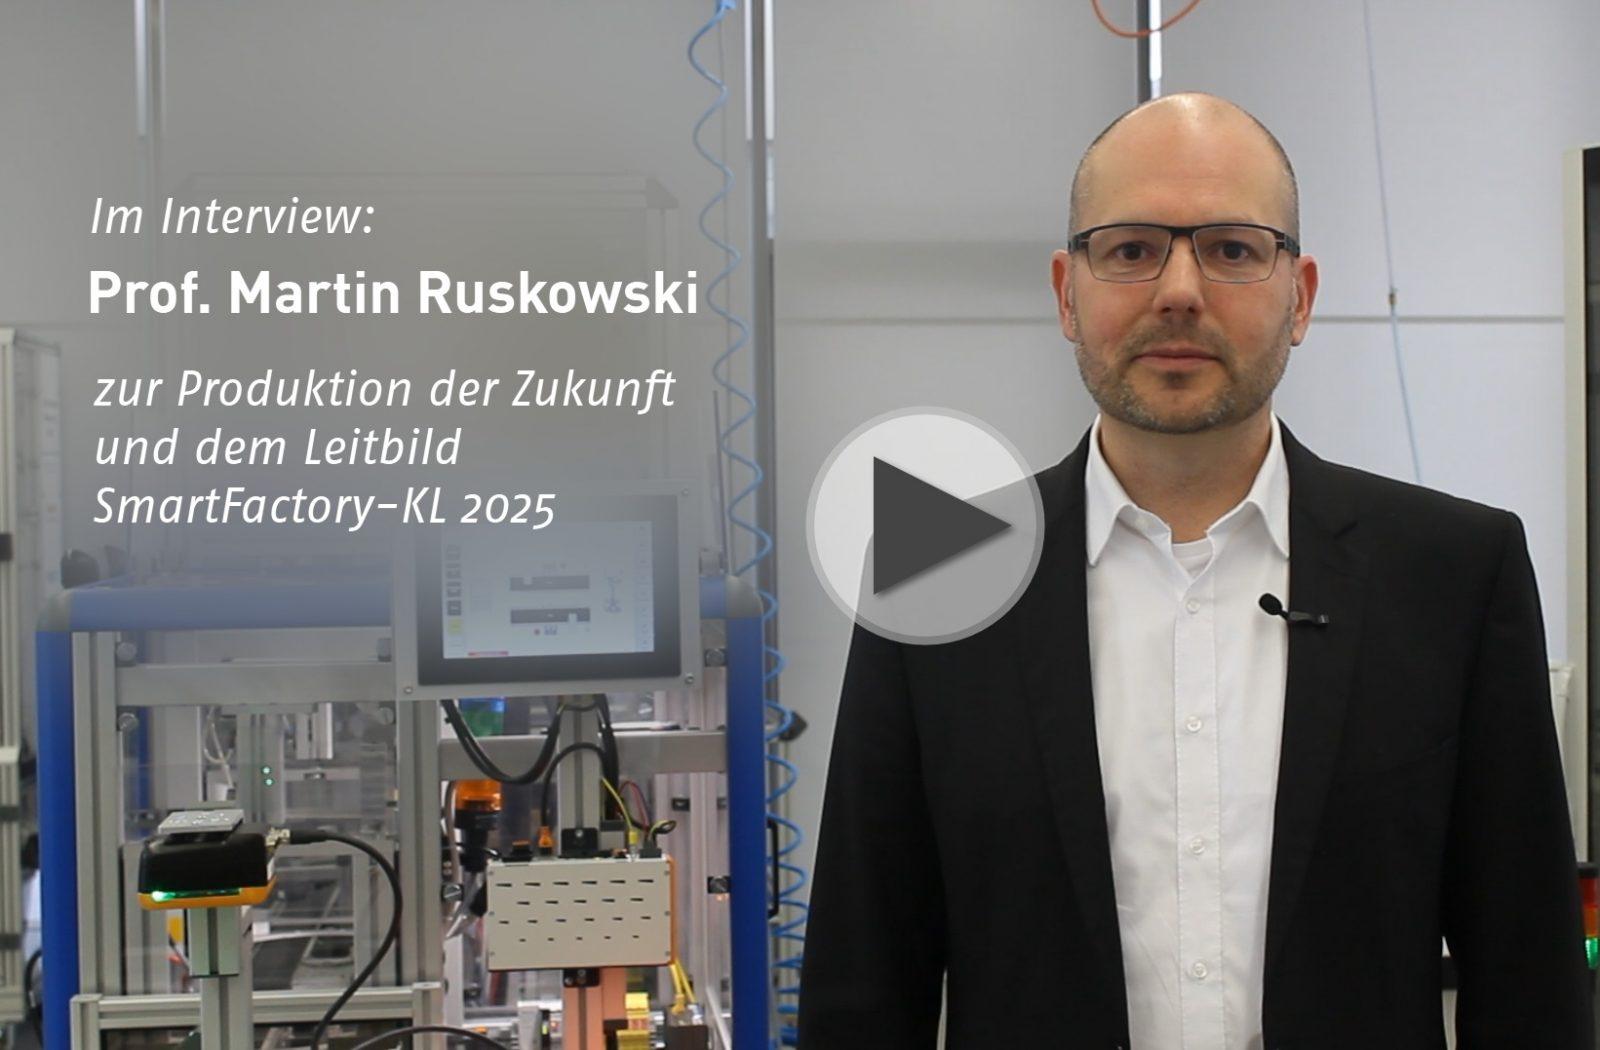 Im Interview: Prof. Ruskowski spricht über autonome Produktion